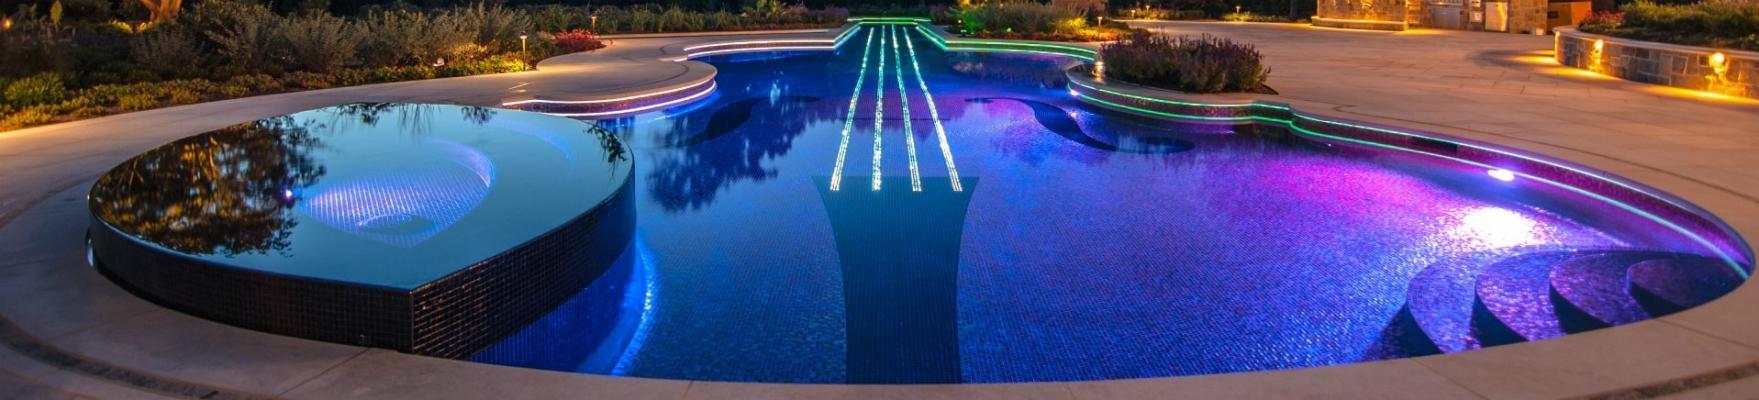 Illuminazione piscina Solaris